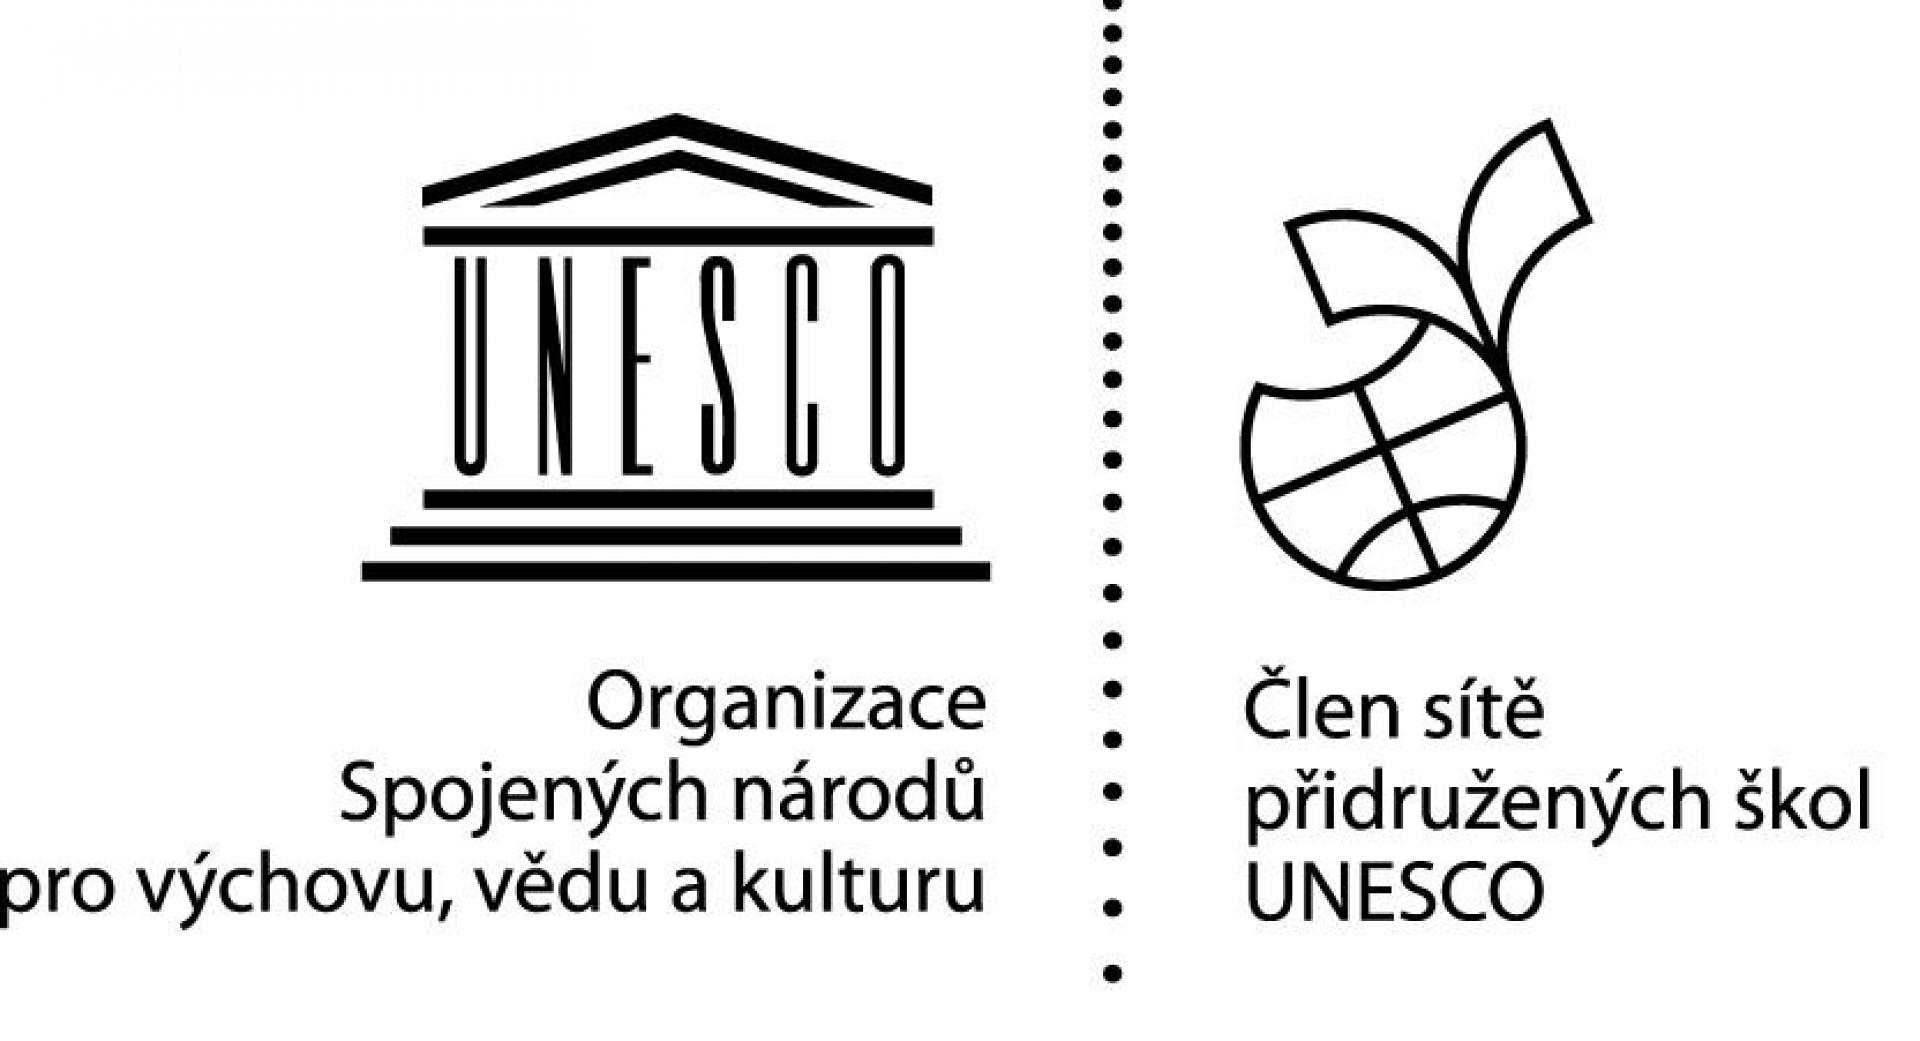 Člen sítě přidružených škol UNESCO